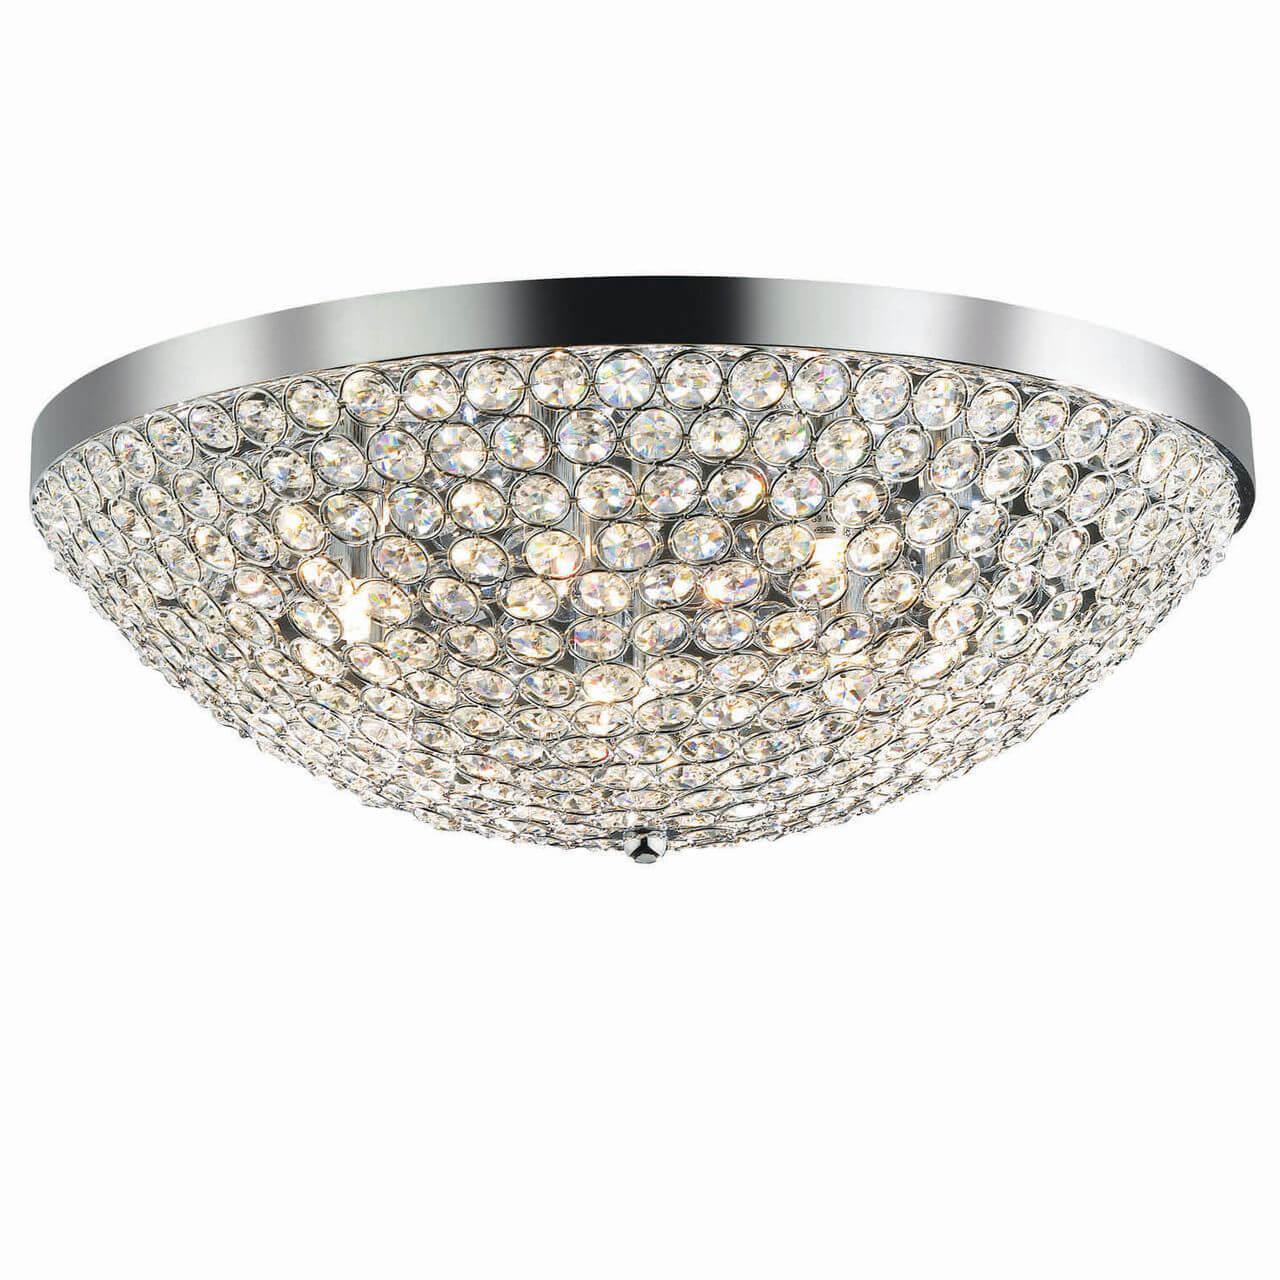 потолочный светильник ideal lux neve pl12 bianco idlx 101187 Светильник Ideal Lux Orion PL12 Orion